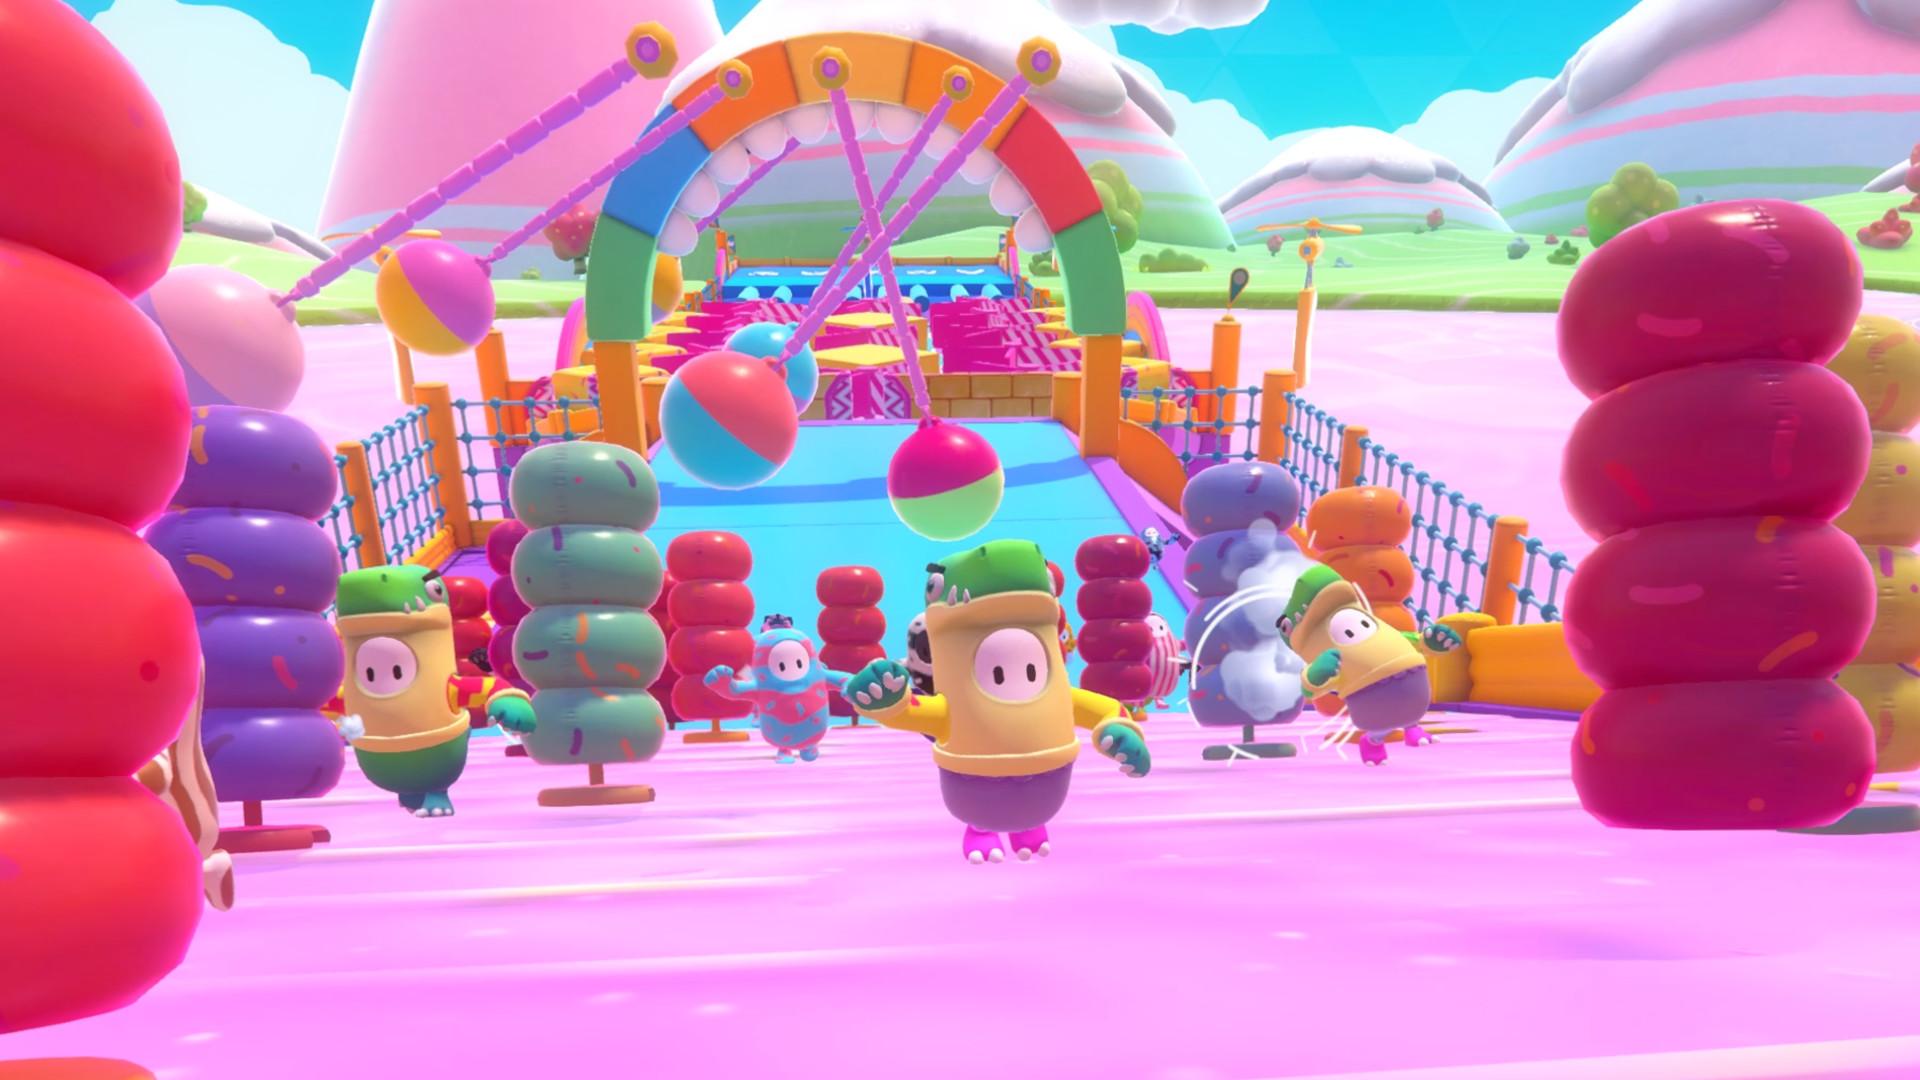 游戏中的博弈论 《糖豆人》为大逃杀展开了一条新思路 (2)